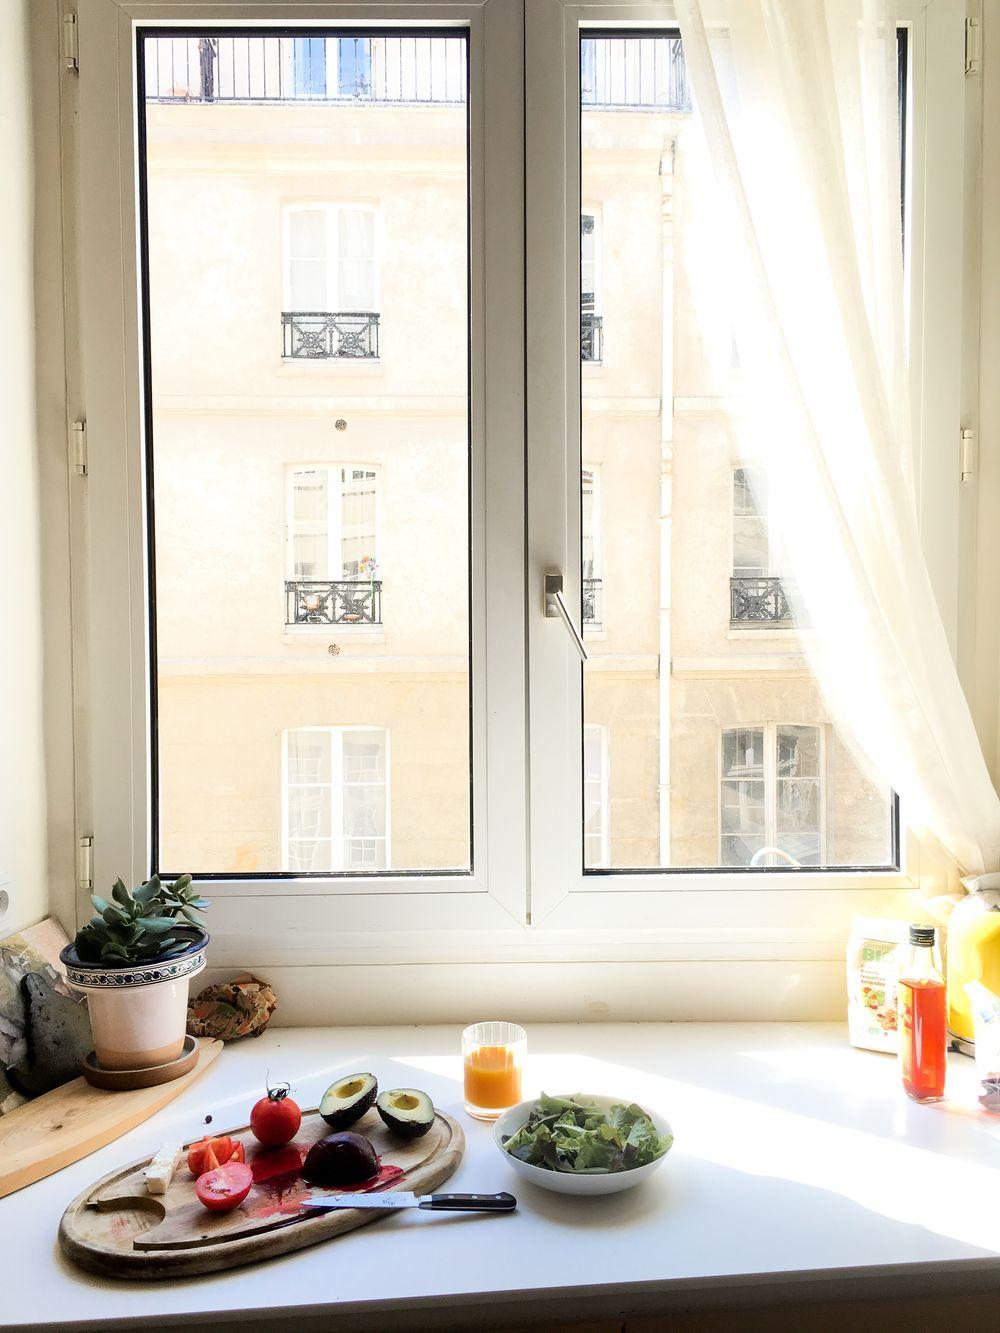 My Paris Kitchen Cooking